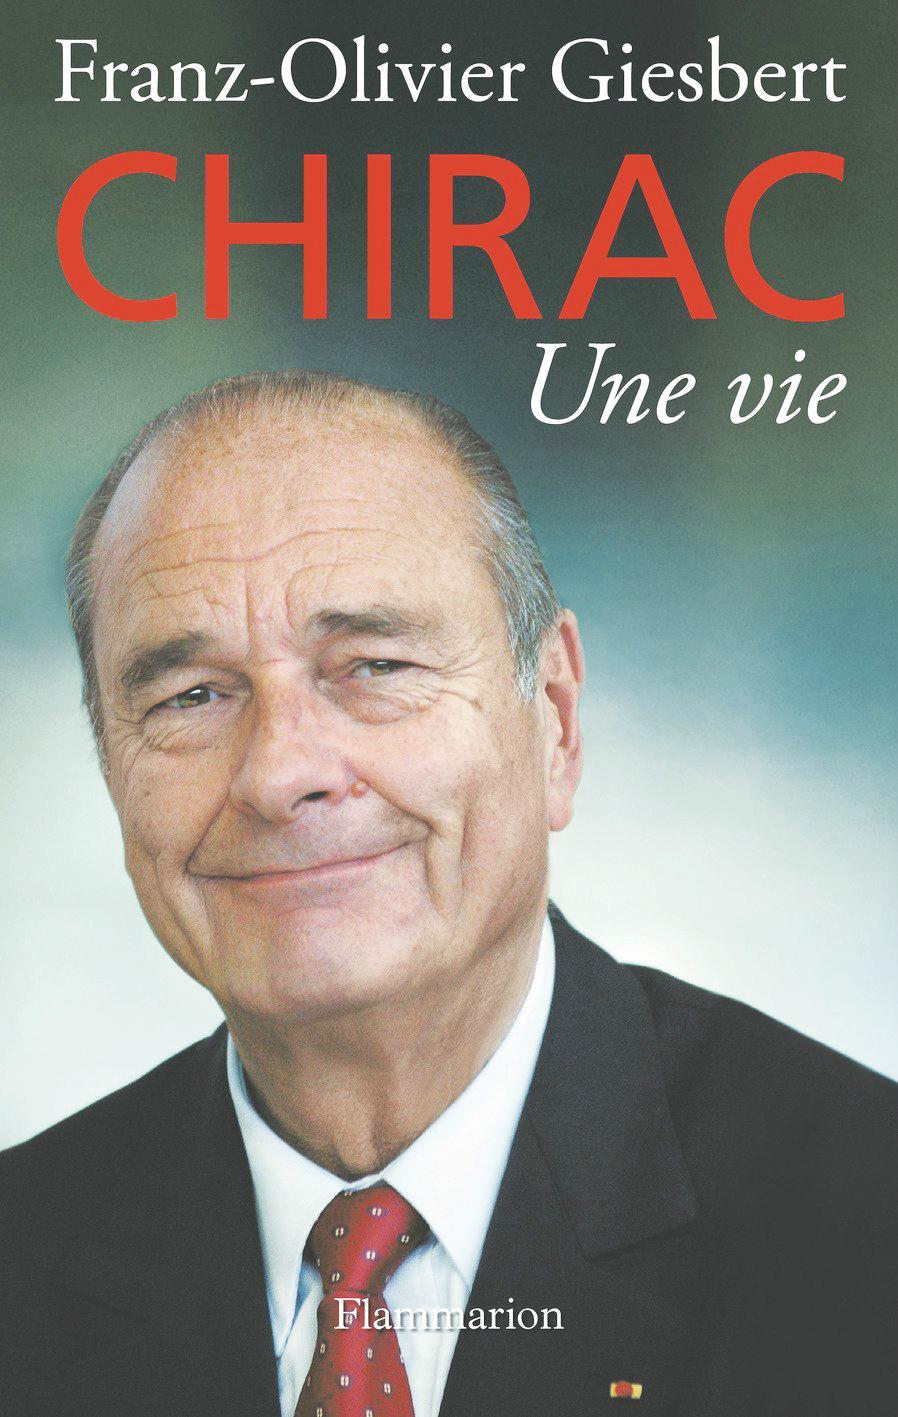 Chirac-